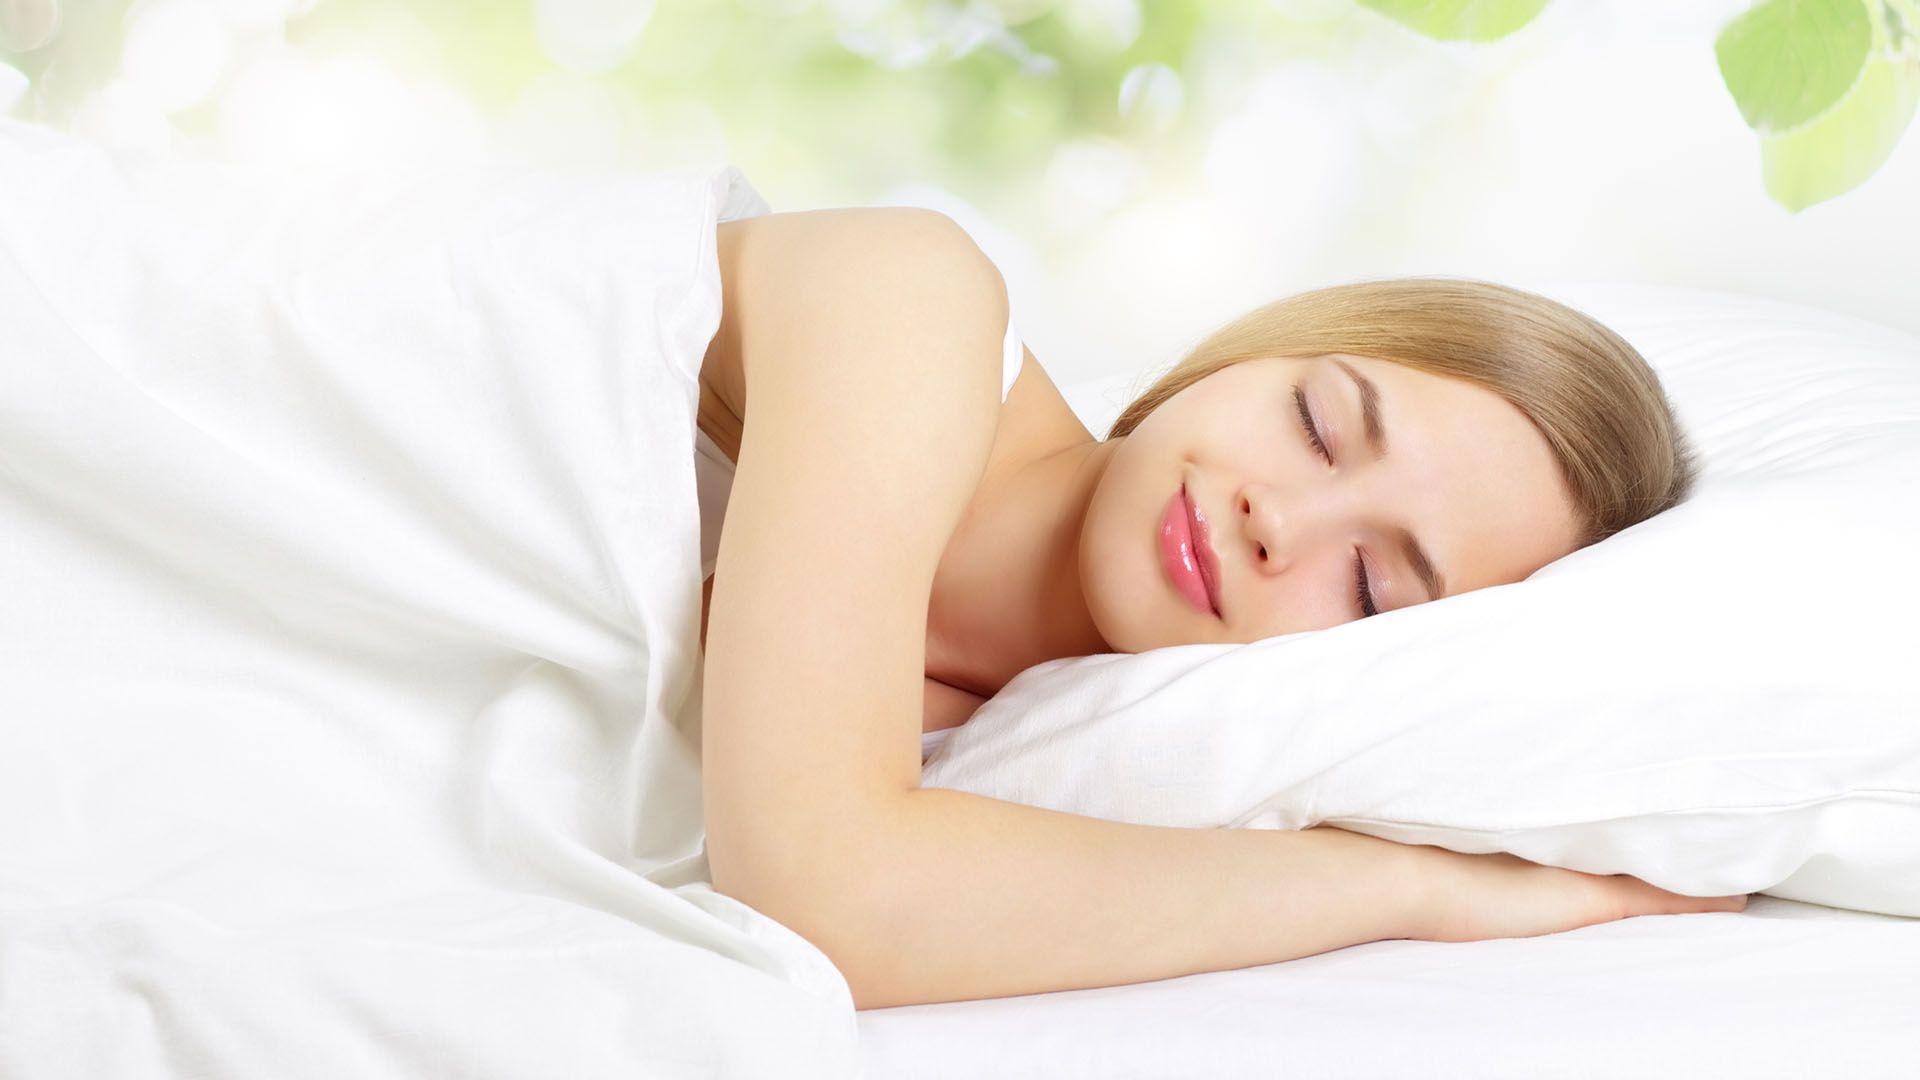 Dormir la siesta una o dos veces por semana tiene beneficios importantes para la salud cardiovascular (Shutterstock)